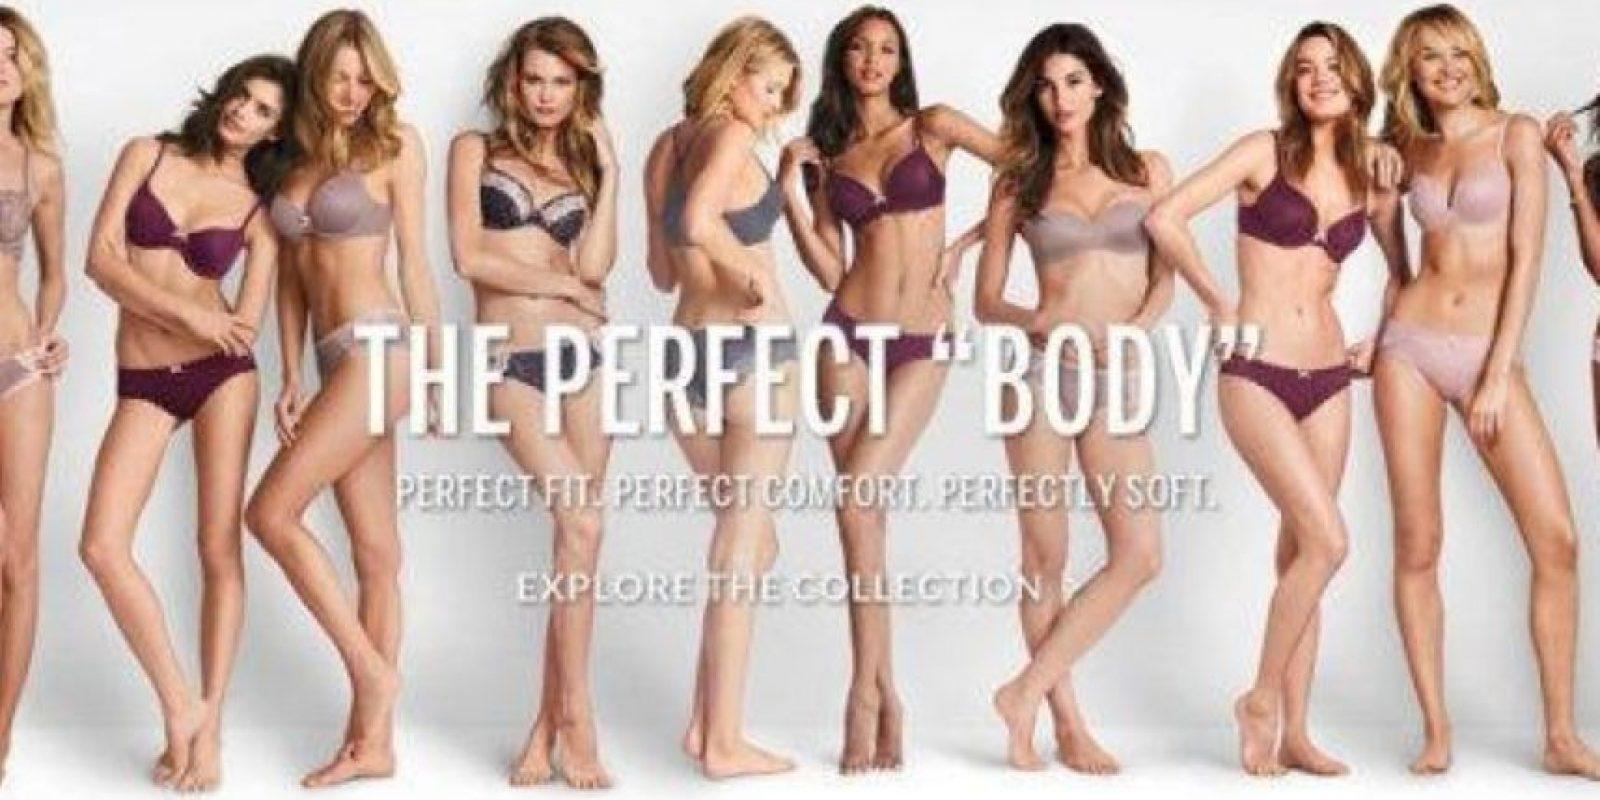 Muchas internautas se enojaron con la marca por promocionar ideales errados de belleza Foto:Victoria´s Secret